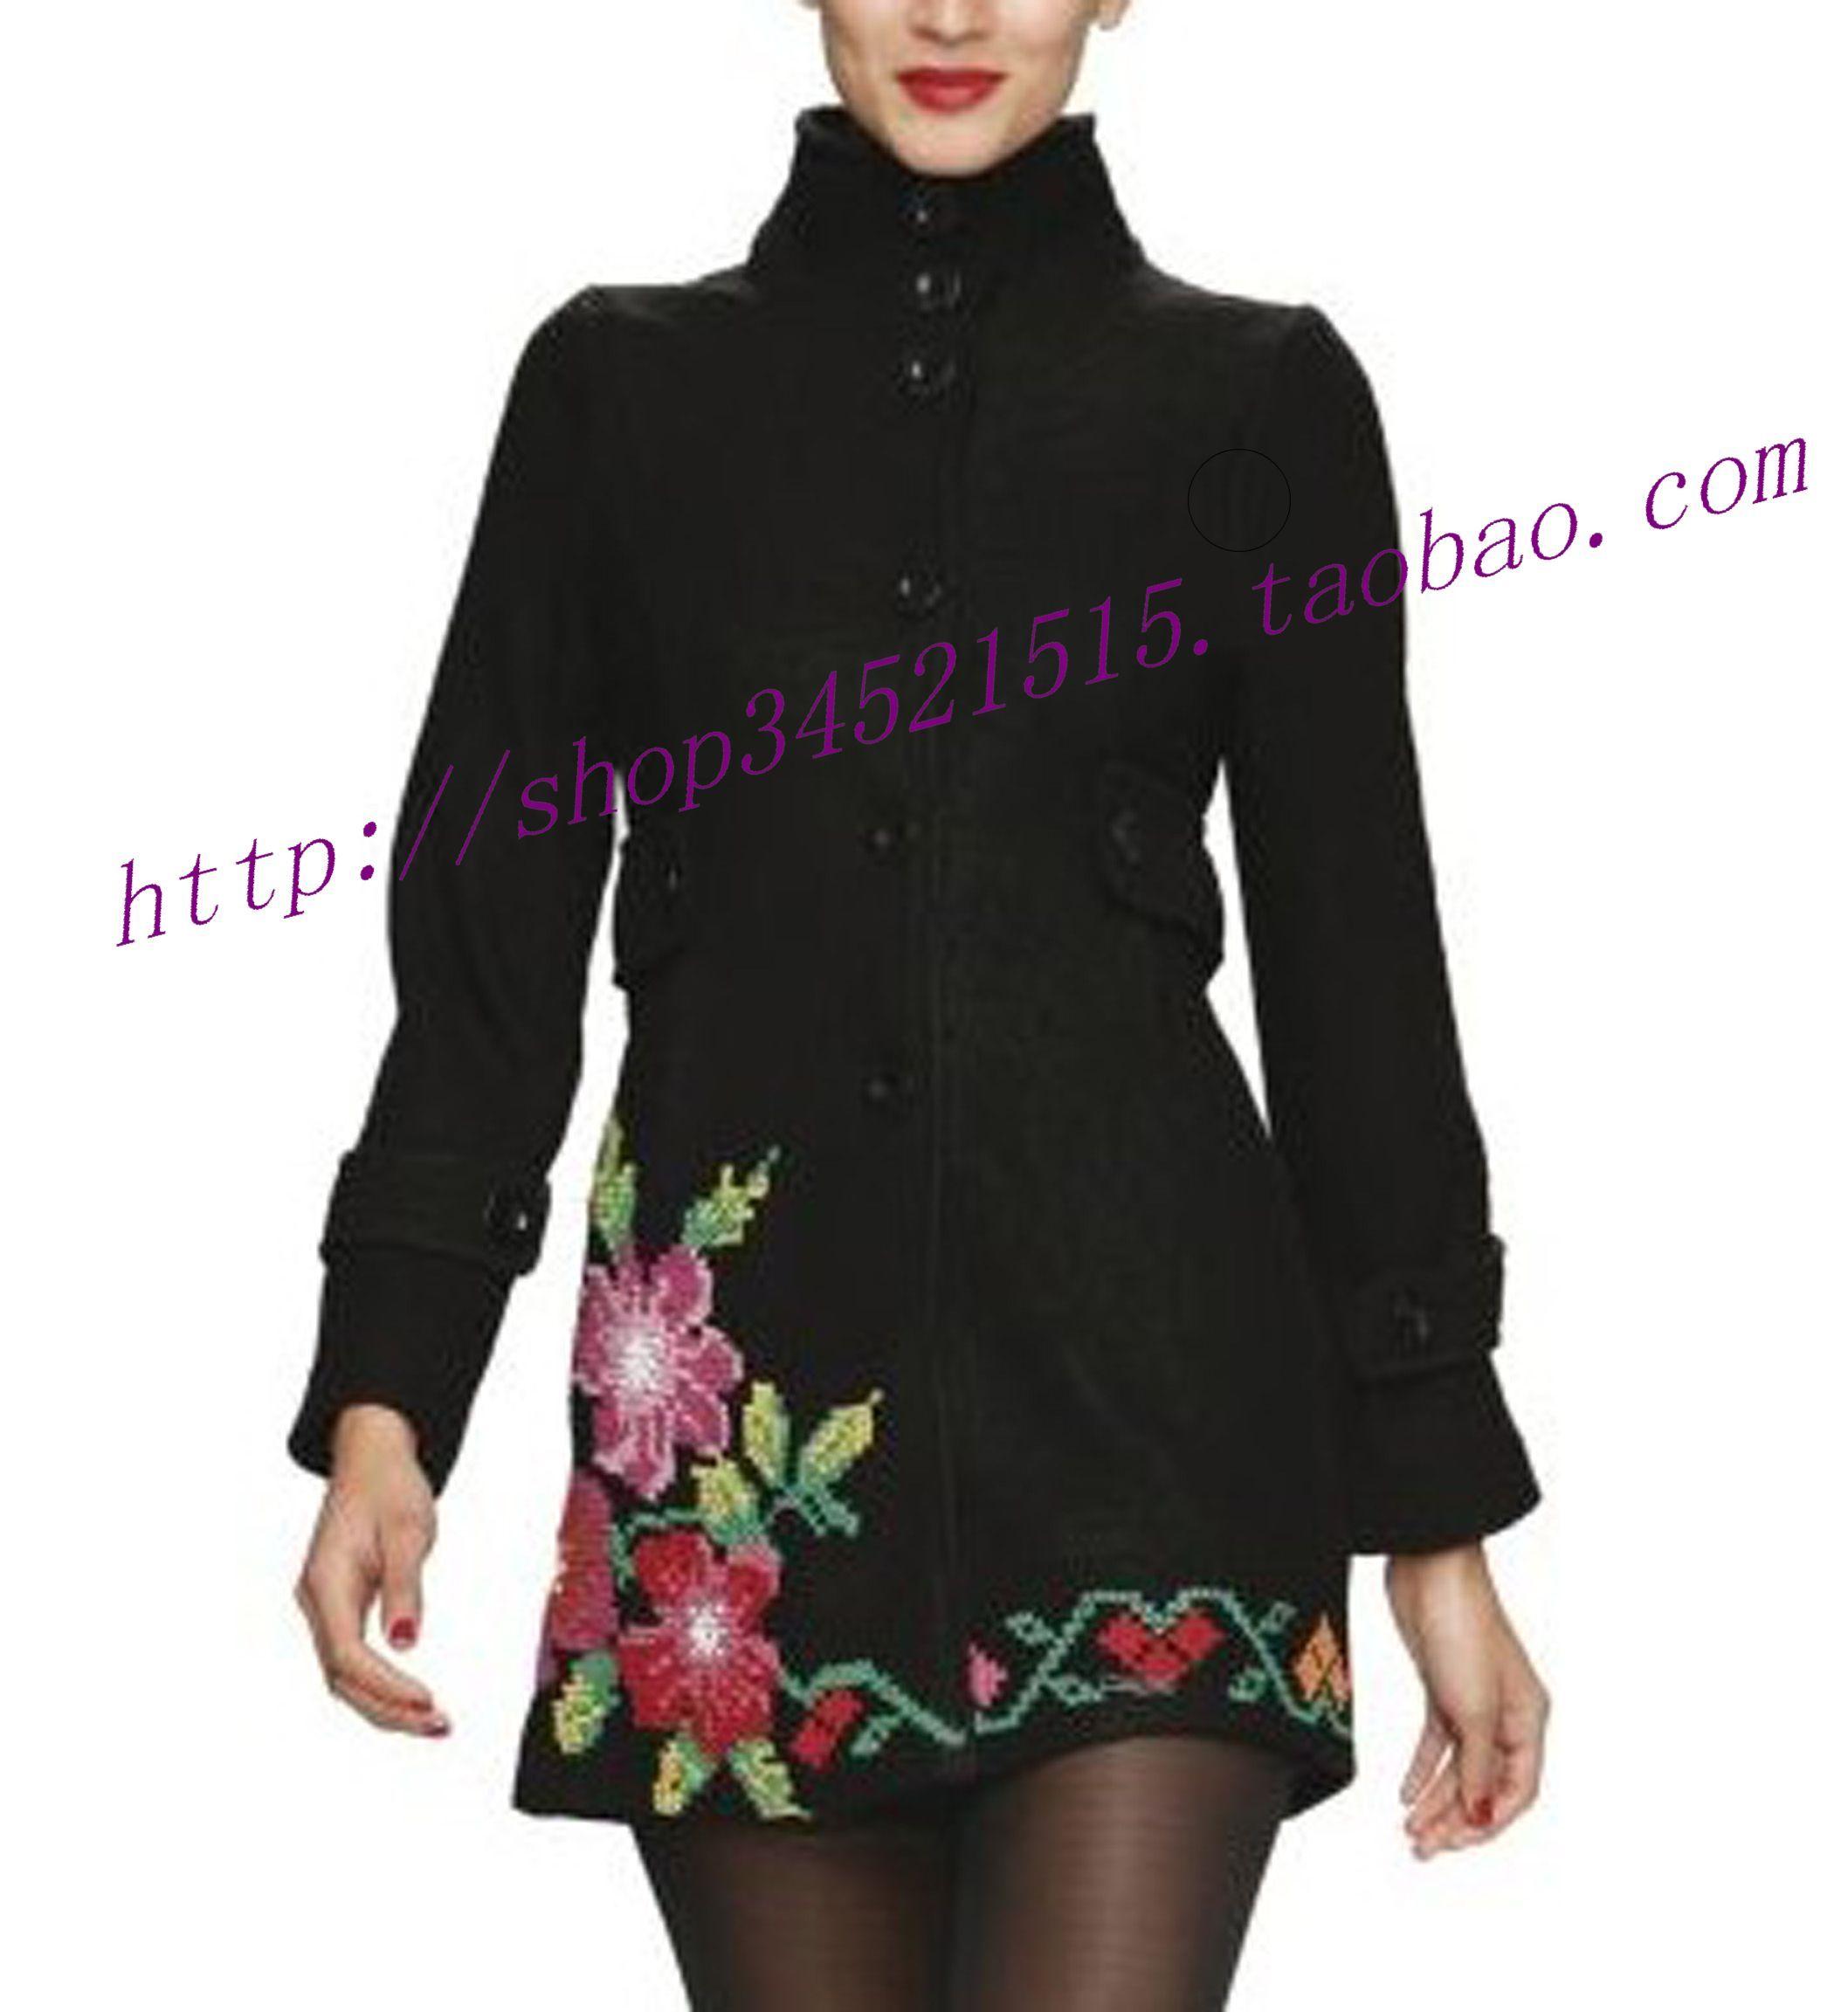 Пряжка 2012 Испания desigual цветы вышитые пожал плечами пальто букле ткани женщин платье